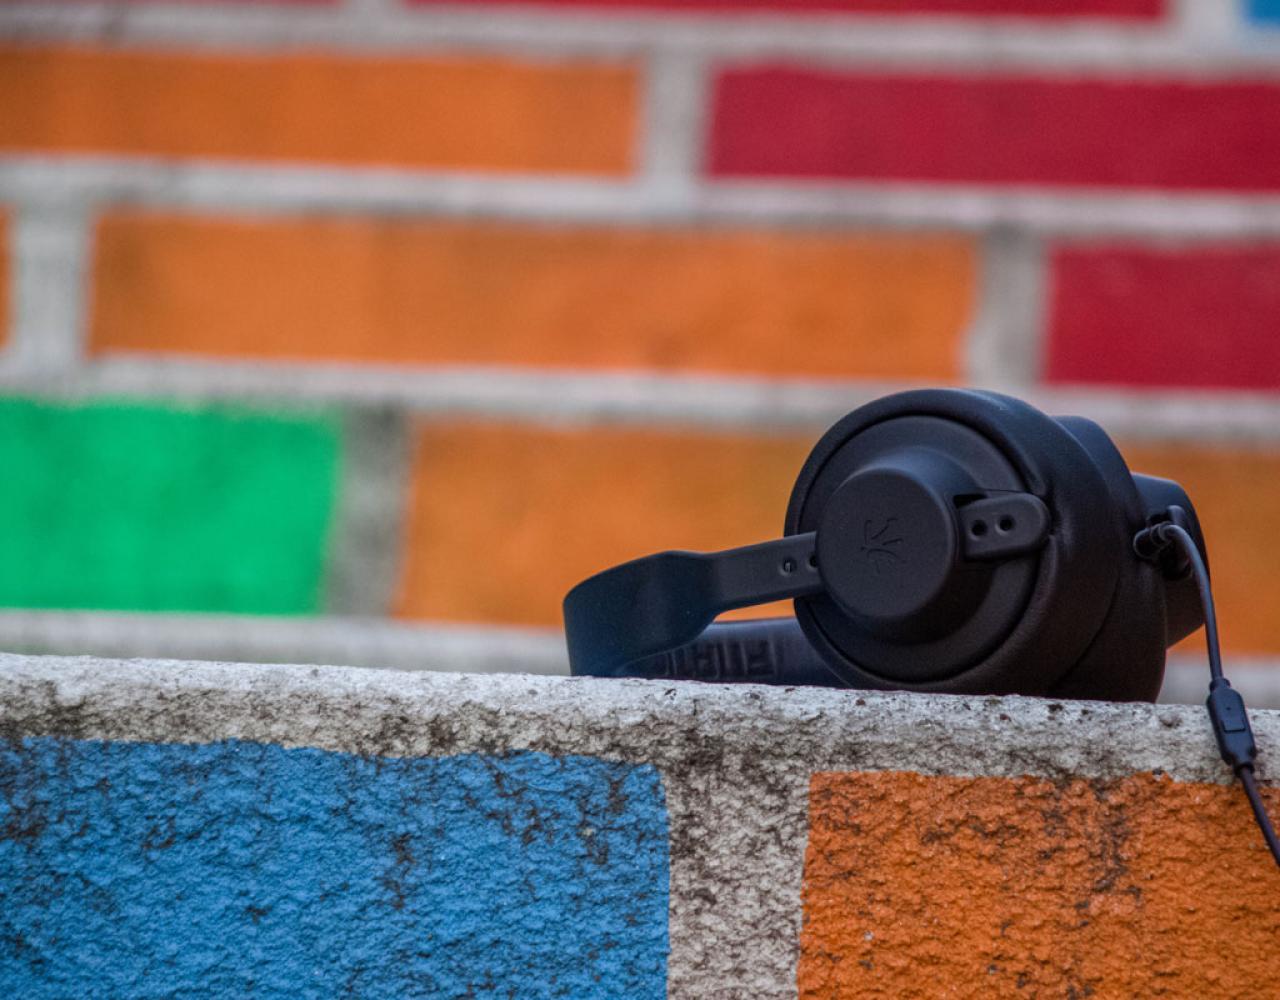 høretelefoner på mur